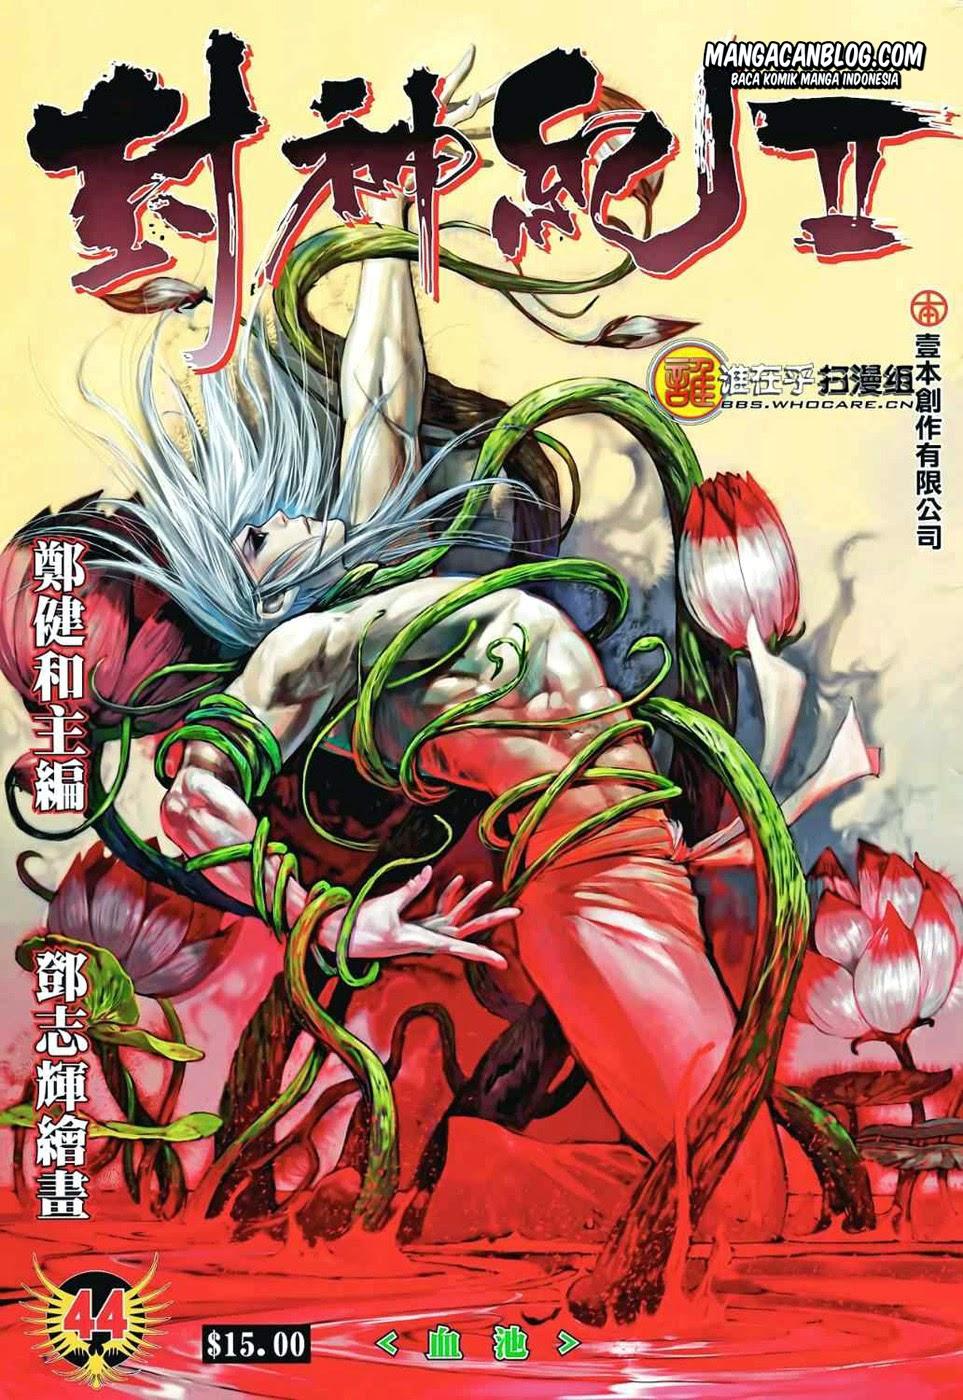 Dilarang COPAS - situs resmi www.mangacanblog.com - Komik feng shen ji 2 044 - kolam darah 45 Indonesia feng shen ji 2 044 - kolam darah Terbaru |Baca Manga Komik Indonesia|Mangacan